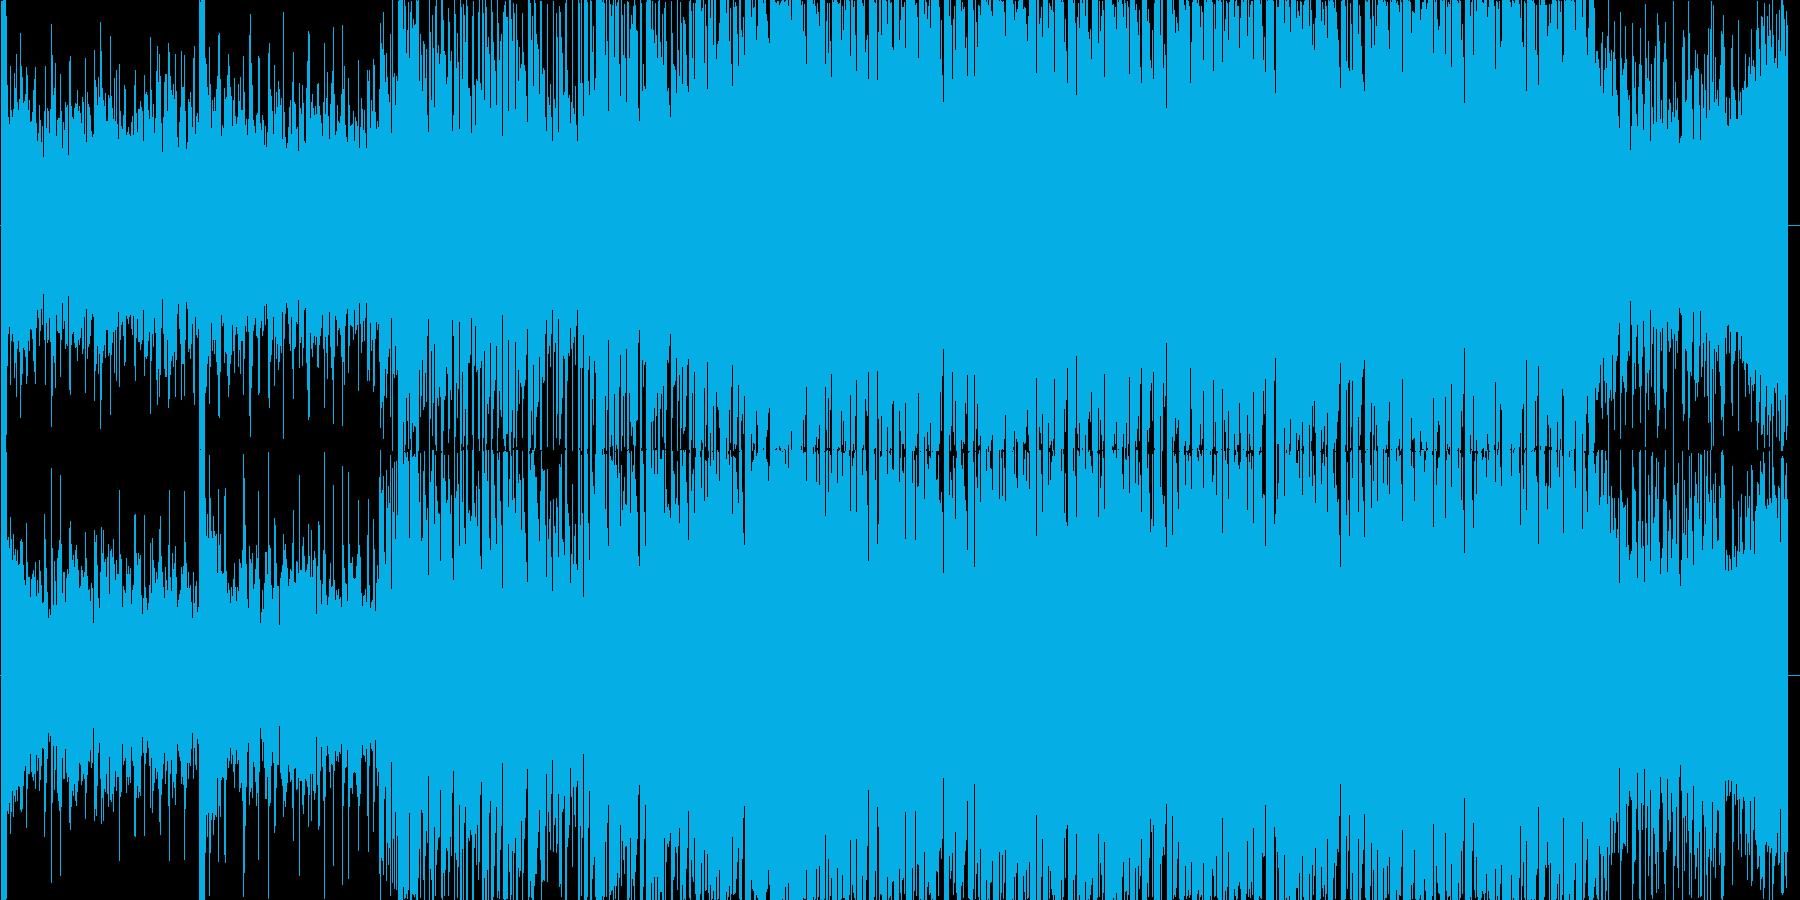 【トランス】近未来感あるトランスの再生済みの波形